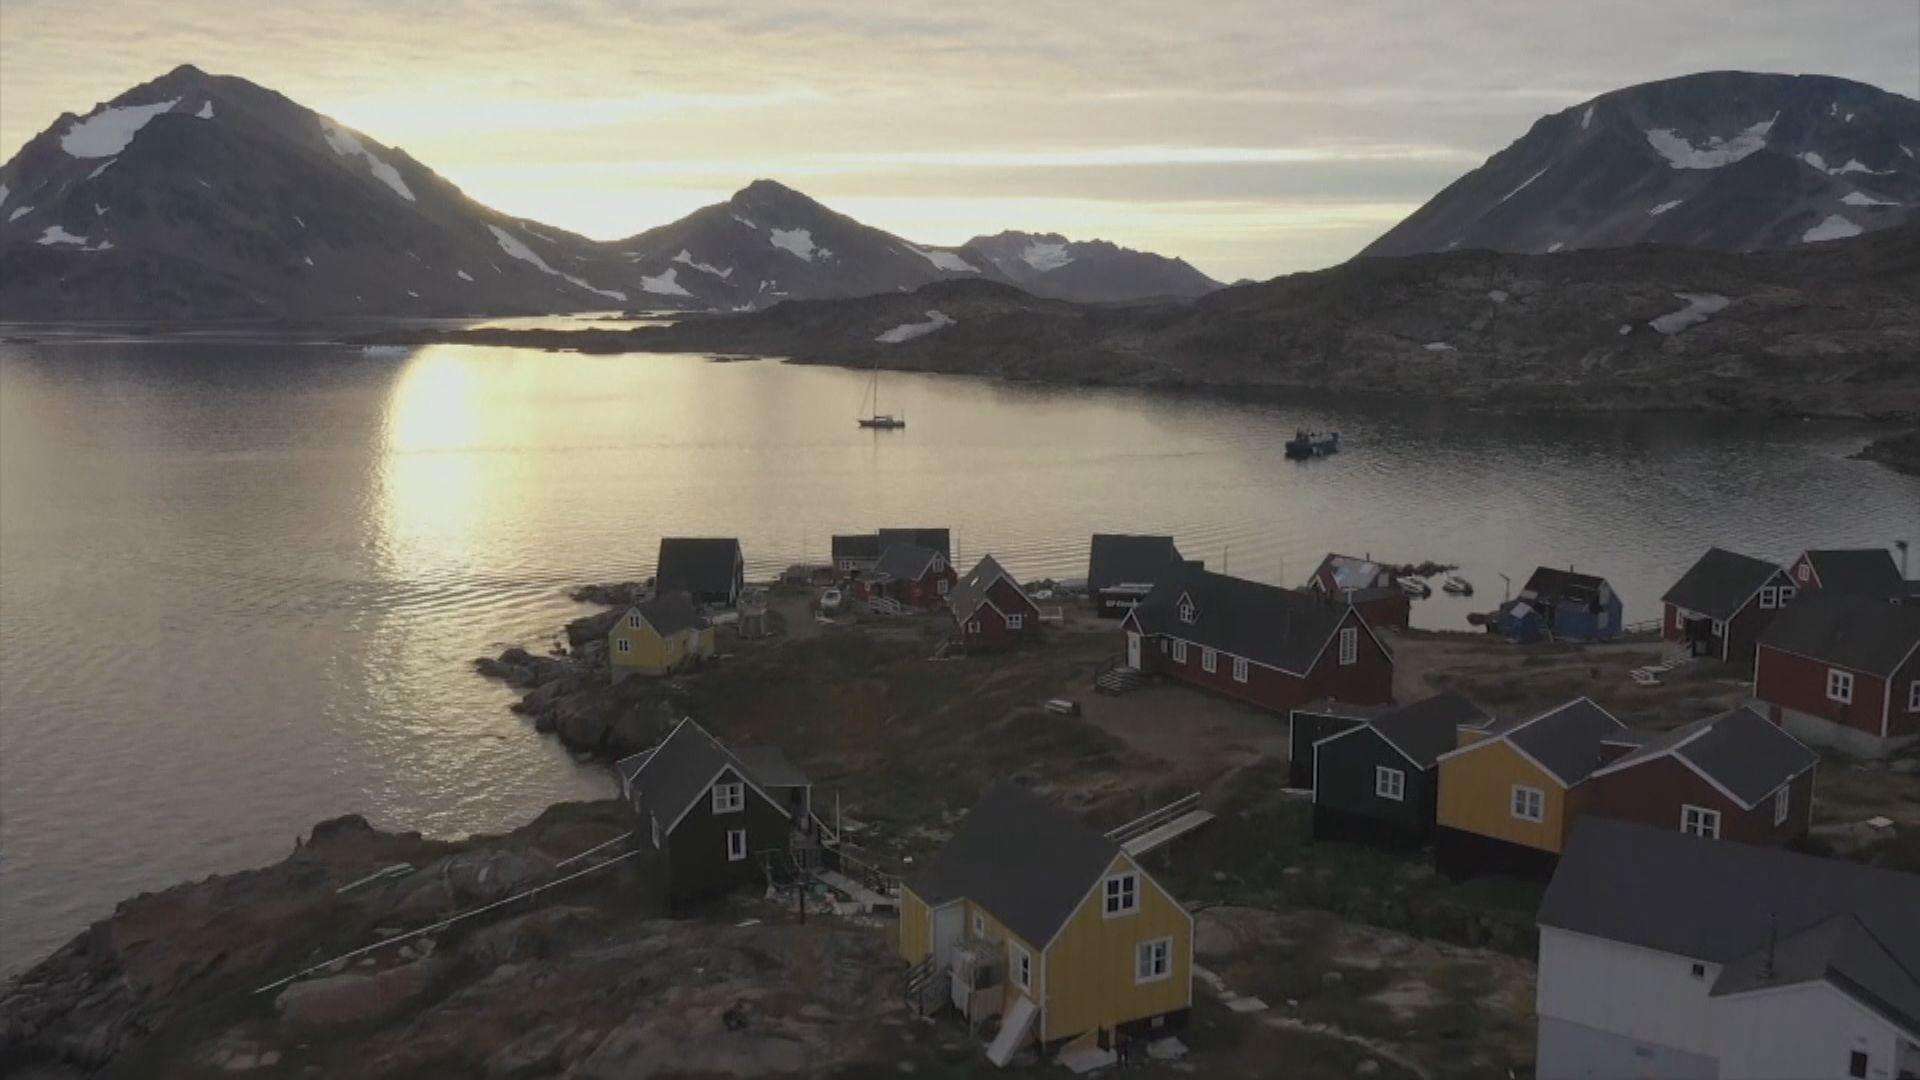 特朗普據報有意購買格陵蘭